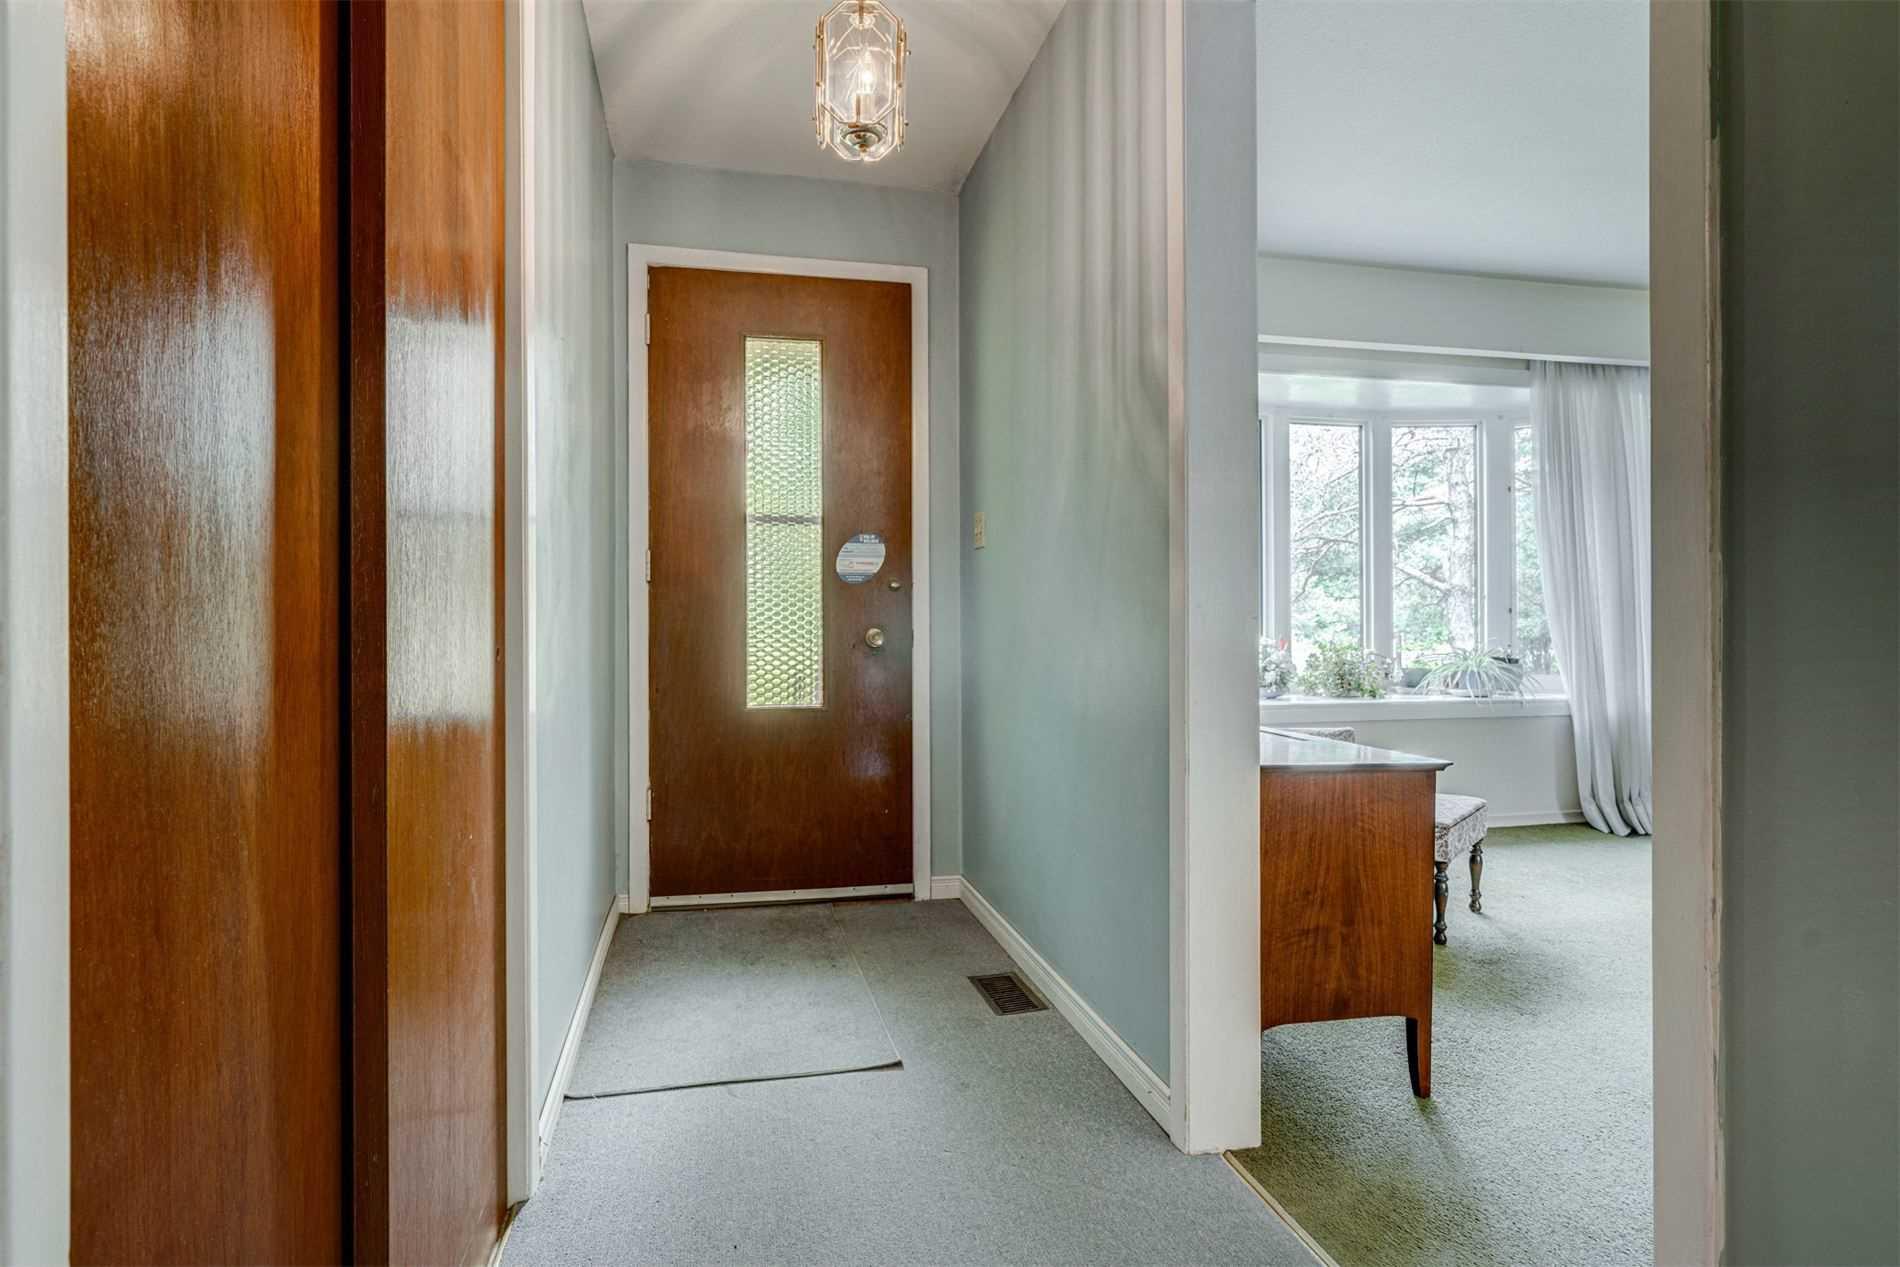 4189 Brock Rd - Uxbridge Detached for sale, 3 Bedrooms (N5311768) - #8